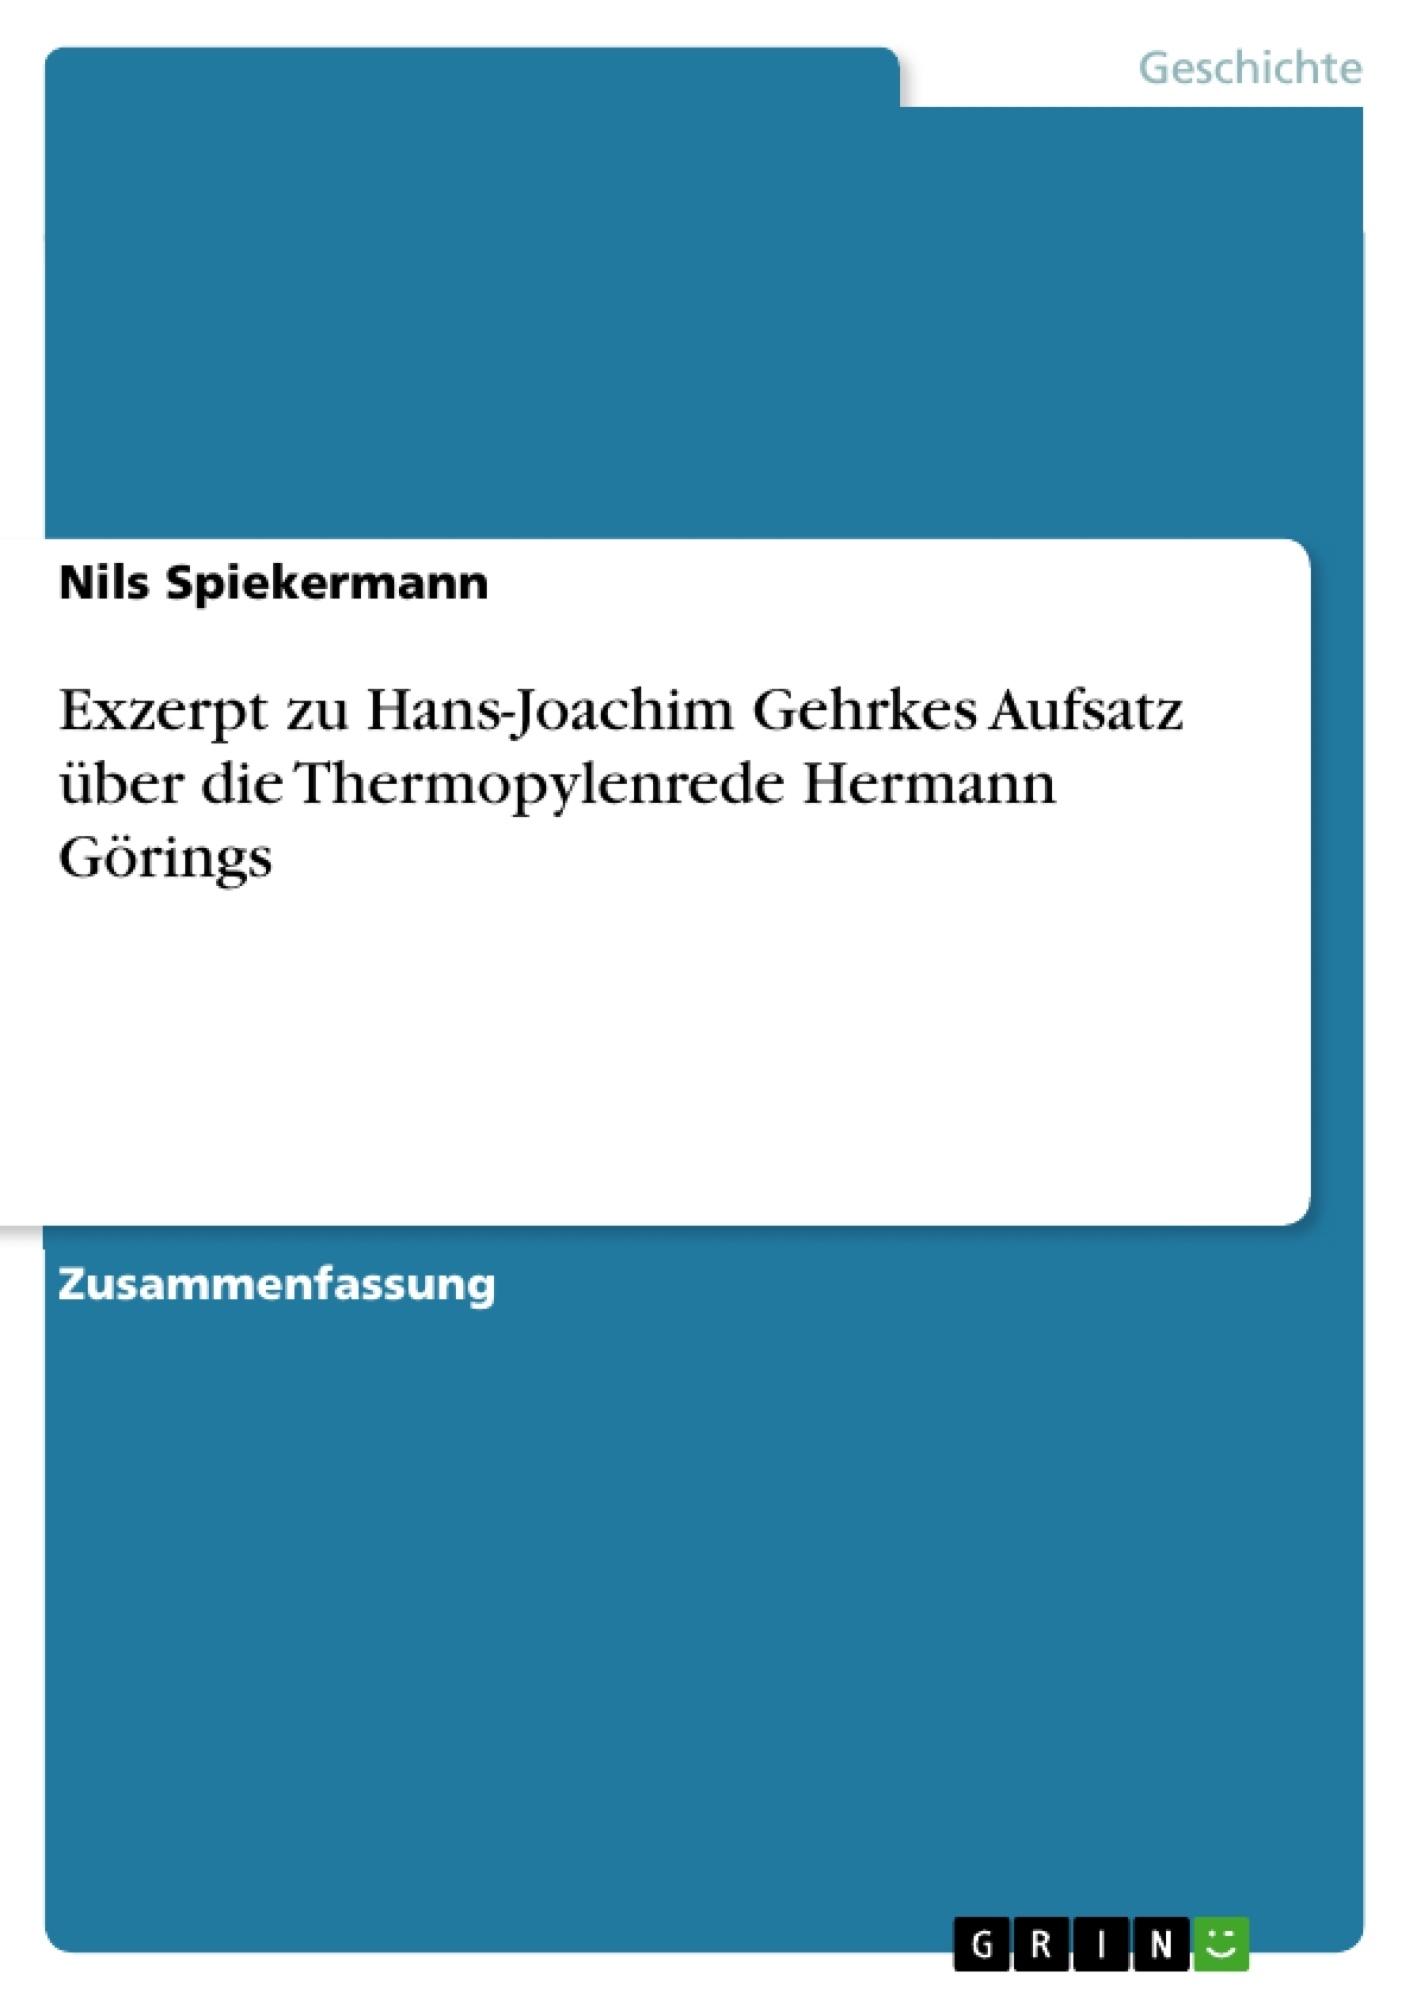 Titel: Exzerpt zu Hans-Joachim Gehrkes Aufsatz über die Thermopylenrede Hermann Görings